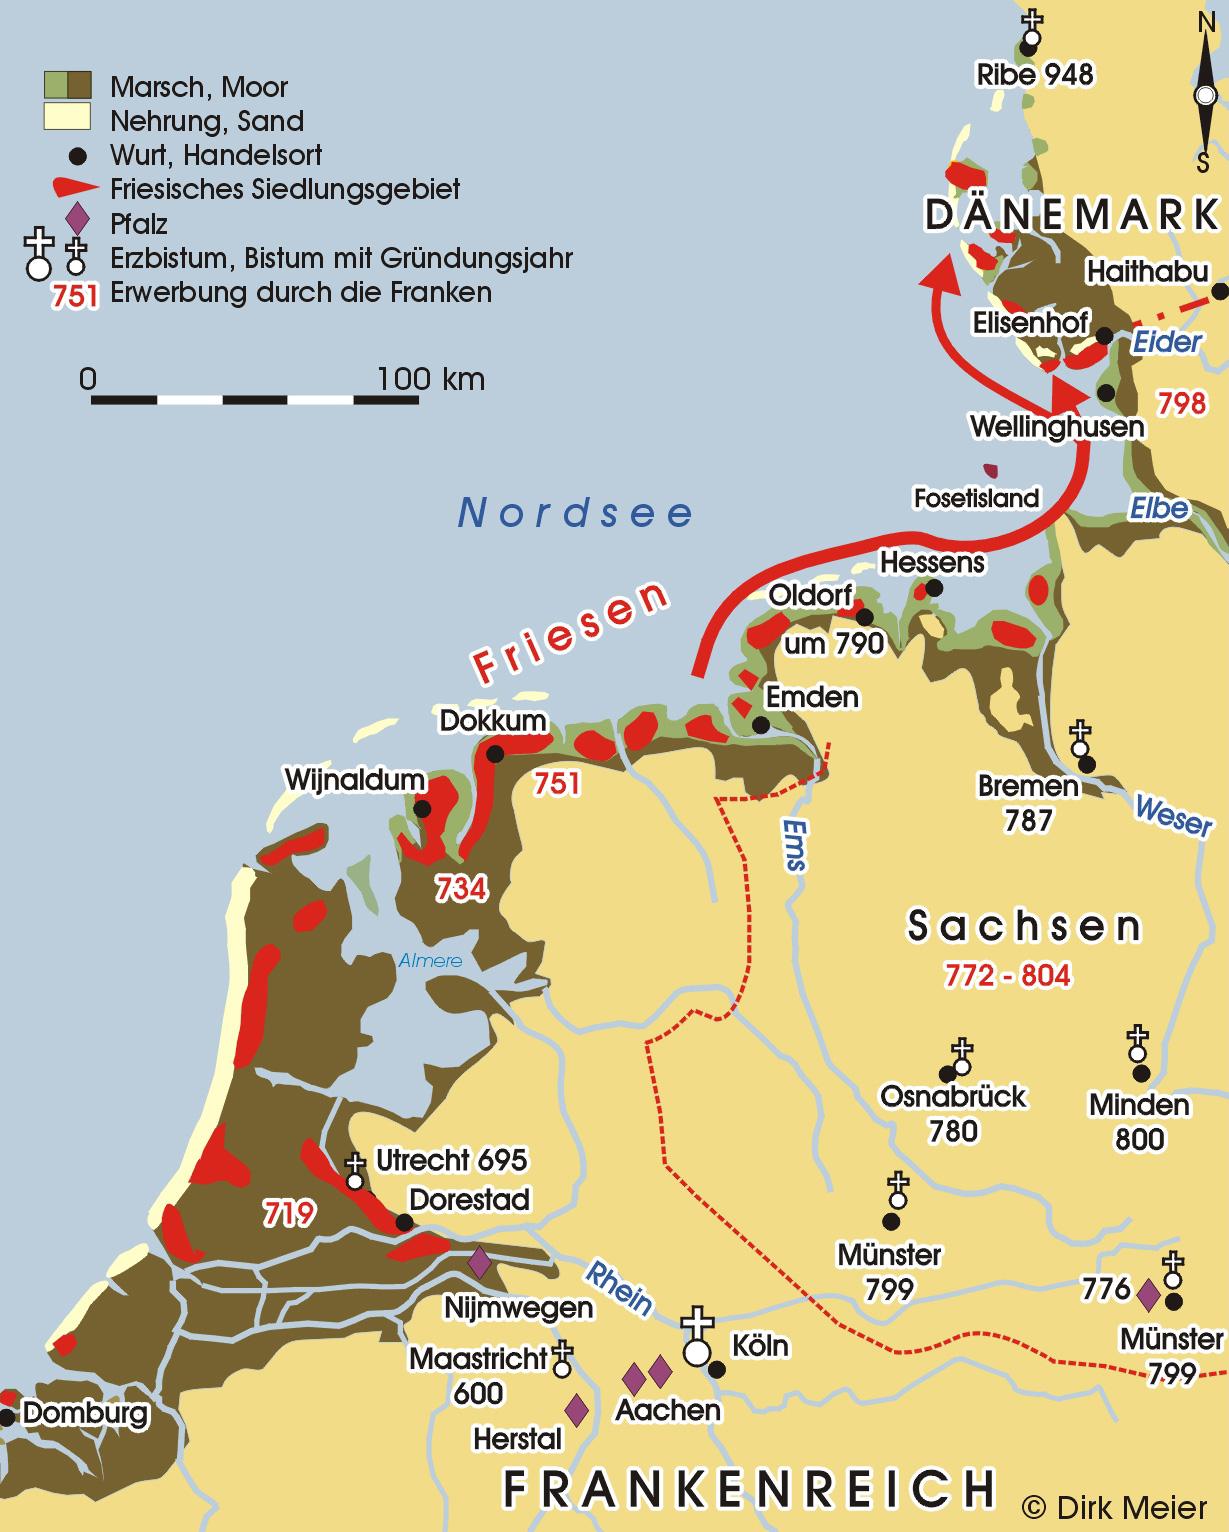 Copyright Dr. Dirk Meier http://www.kuestenarchaeologie.de/